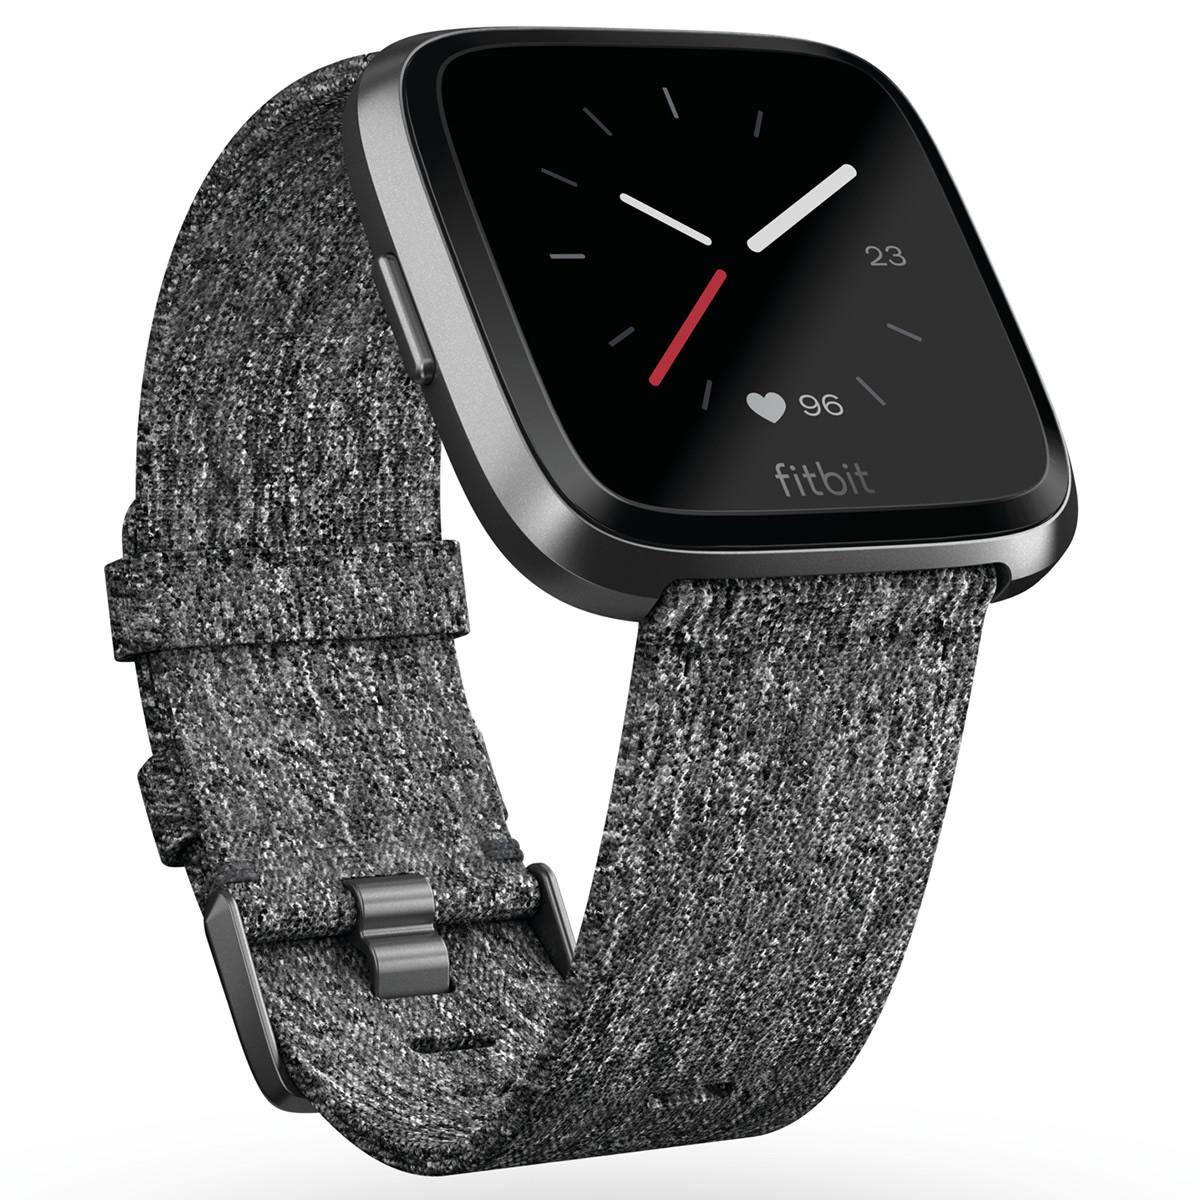 Fitbit フィットビット Versa ヴァーサ フィットネス スマートウォッチ ウェアラブル端末 腕時計 メンズ レディース Chacoal Woven FB505BKGY-CJK